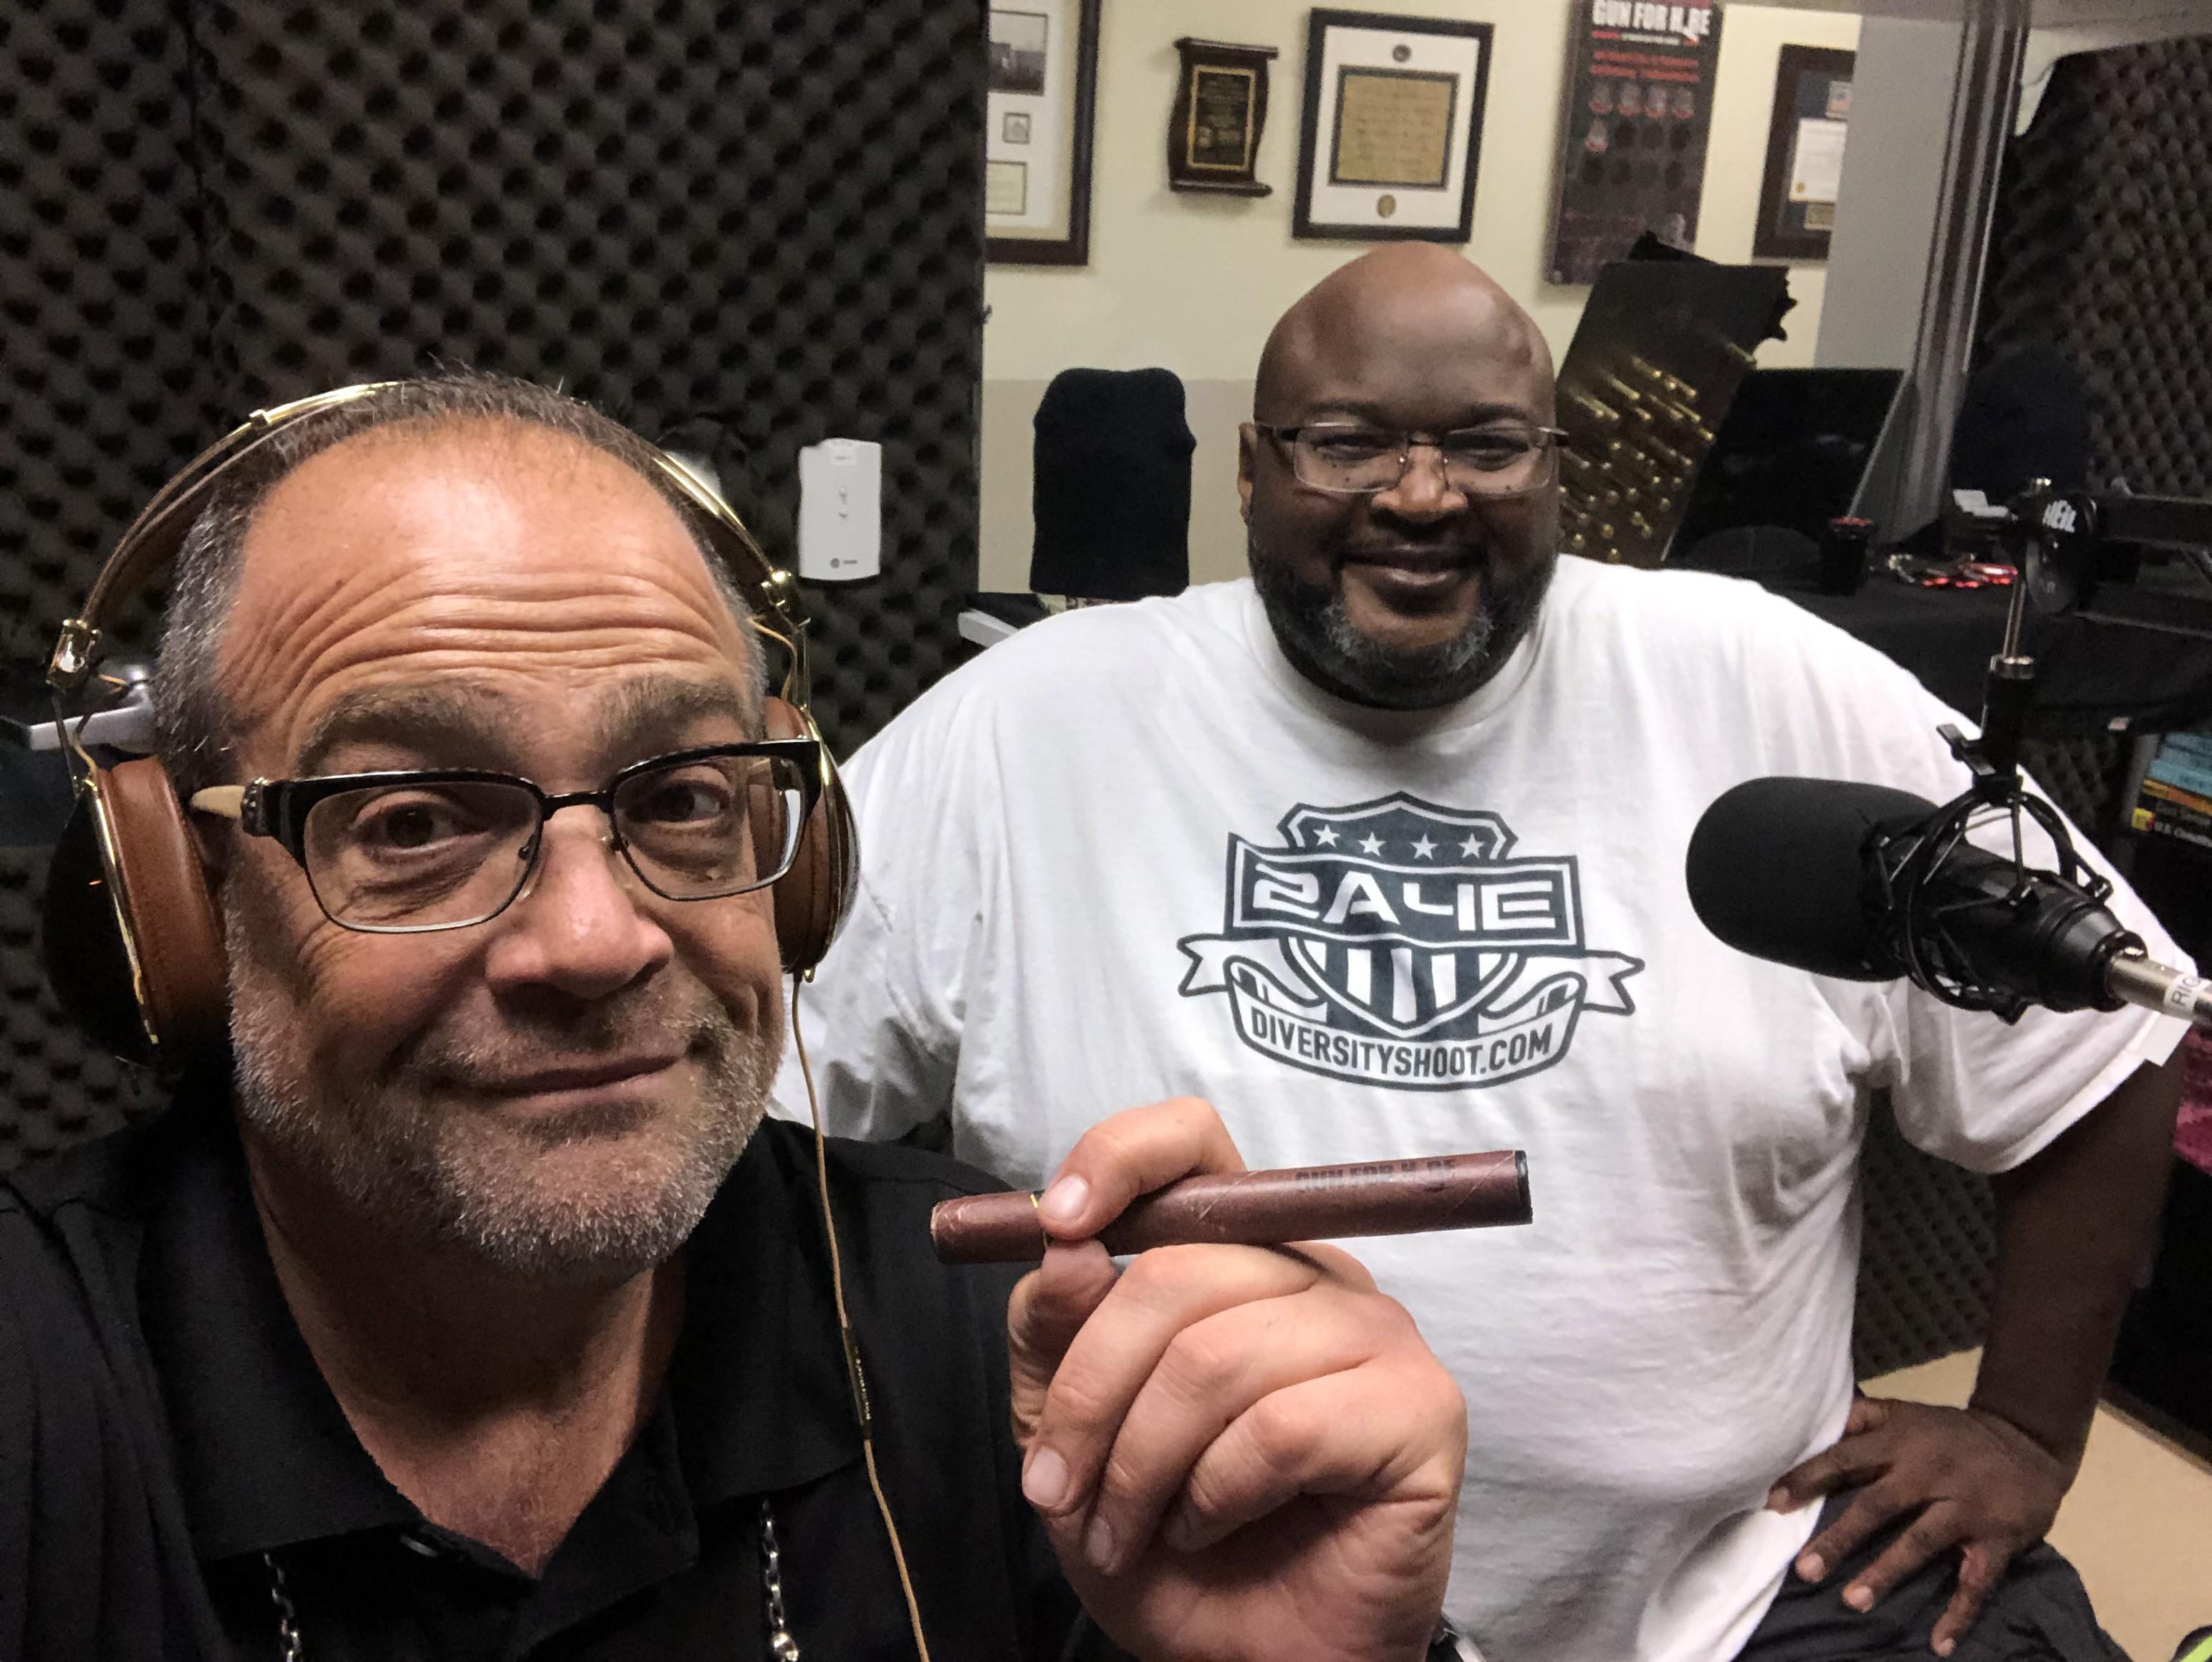 GFHR429 e1565477012693 - The Gun For Hire Radio Broadcast: Episode 429